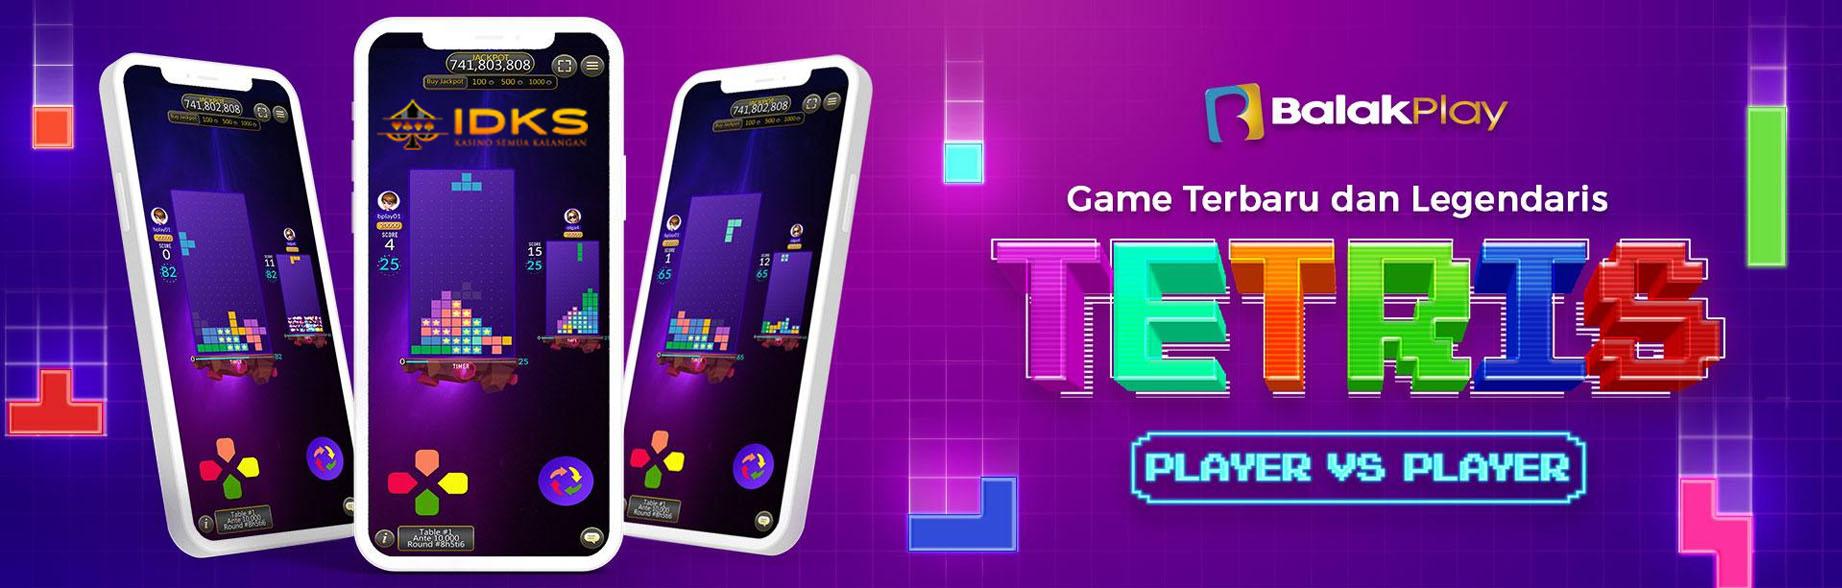 Info IDKS - Panduan Bermain Tetris Online Pada Provider BalakPlay